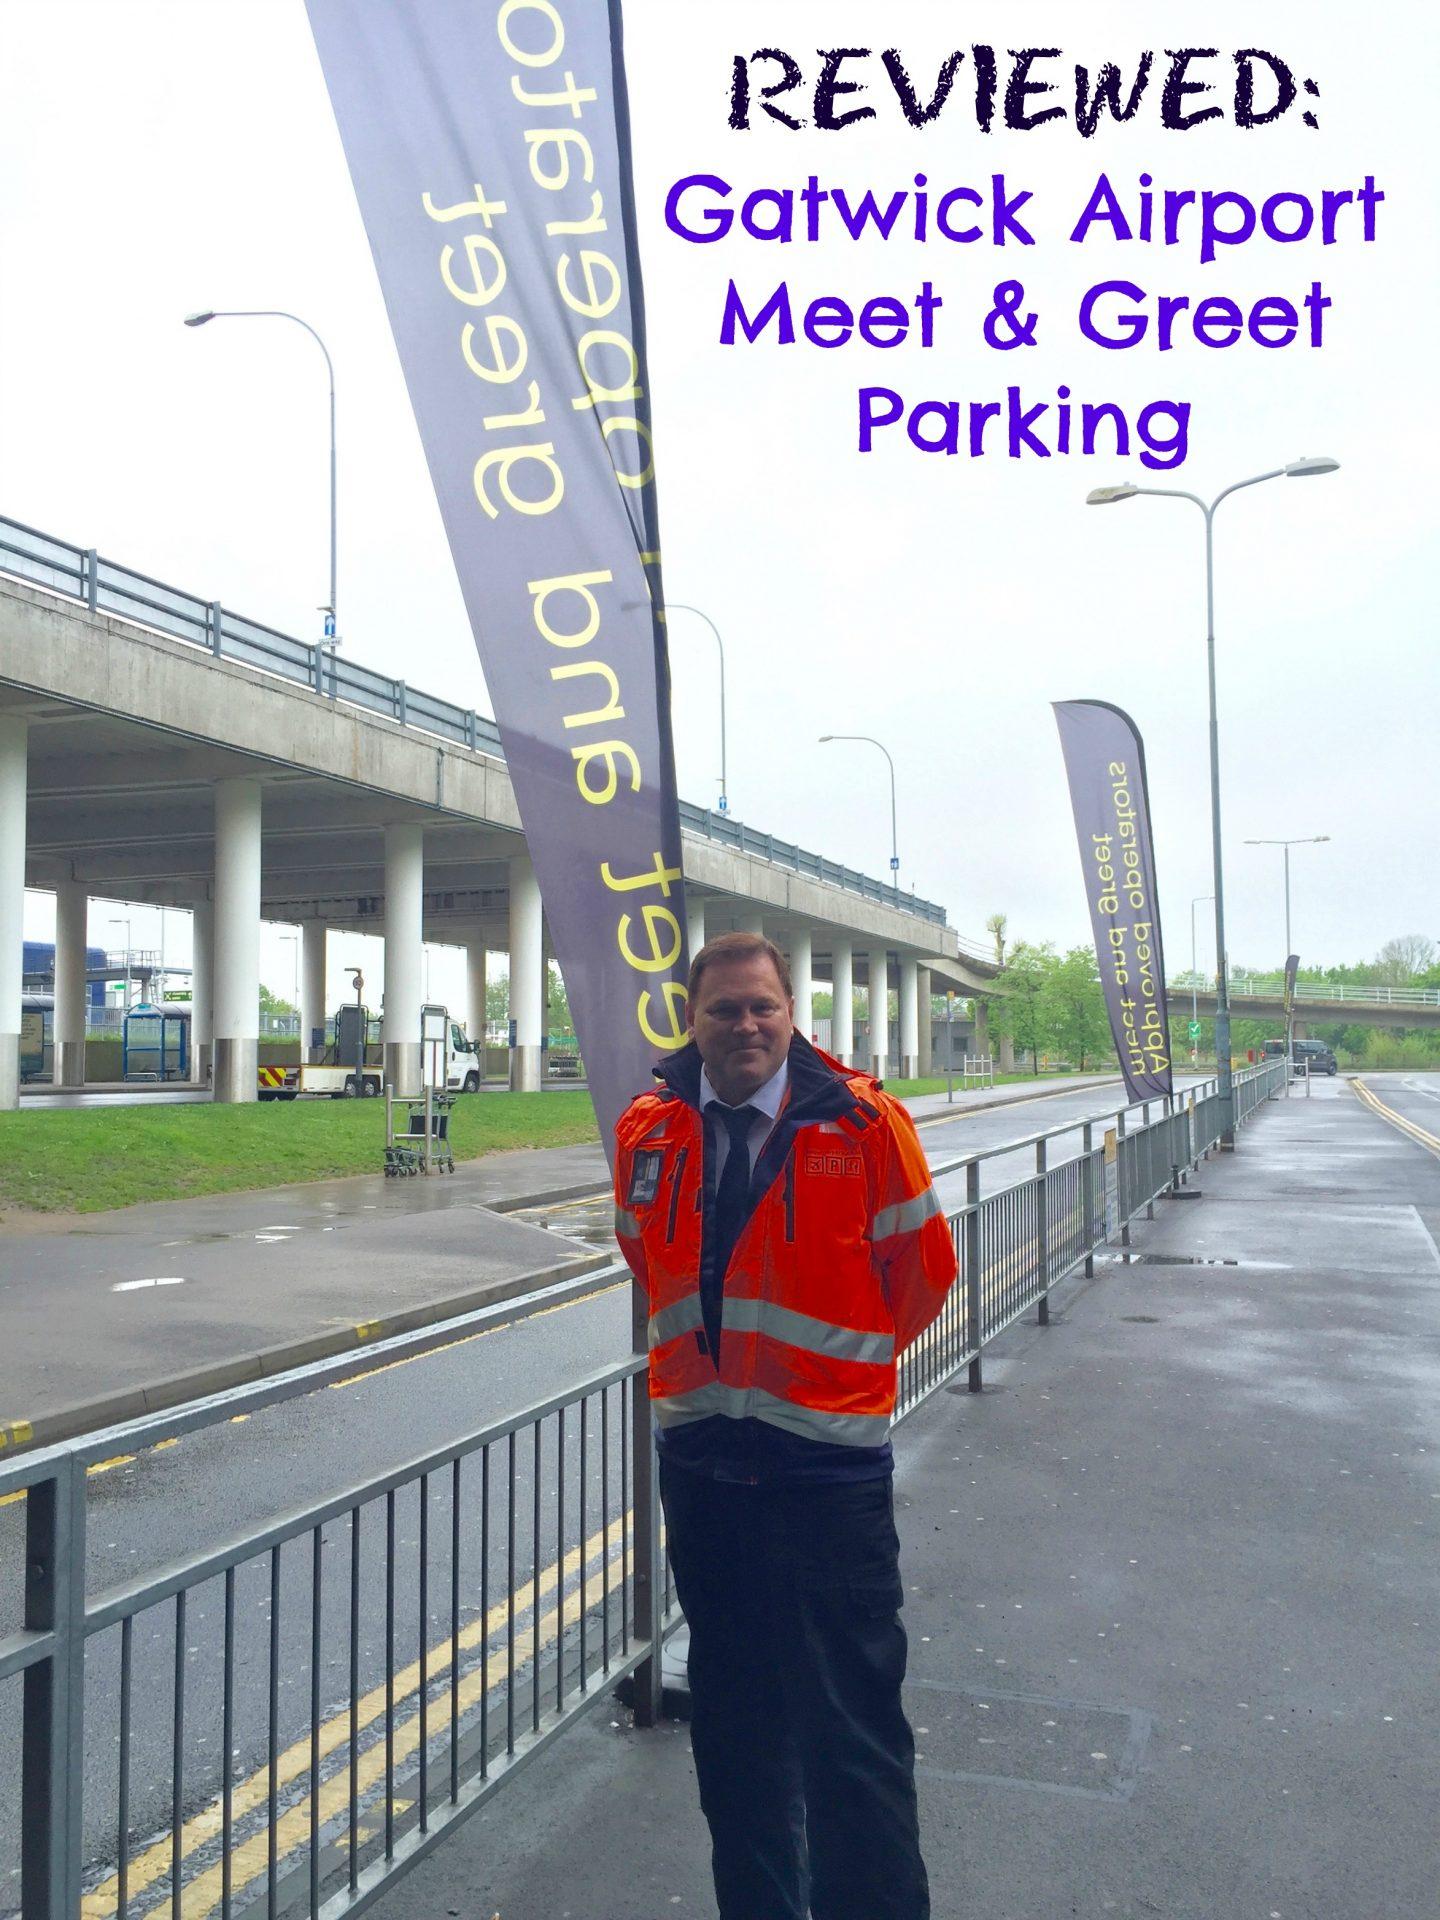 Review Gatwick Airport Meet & Greet Parking